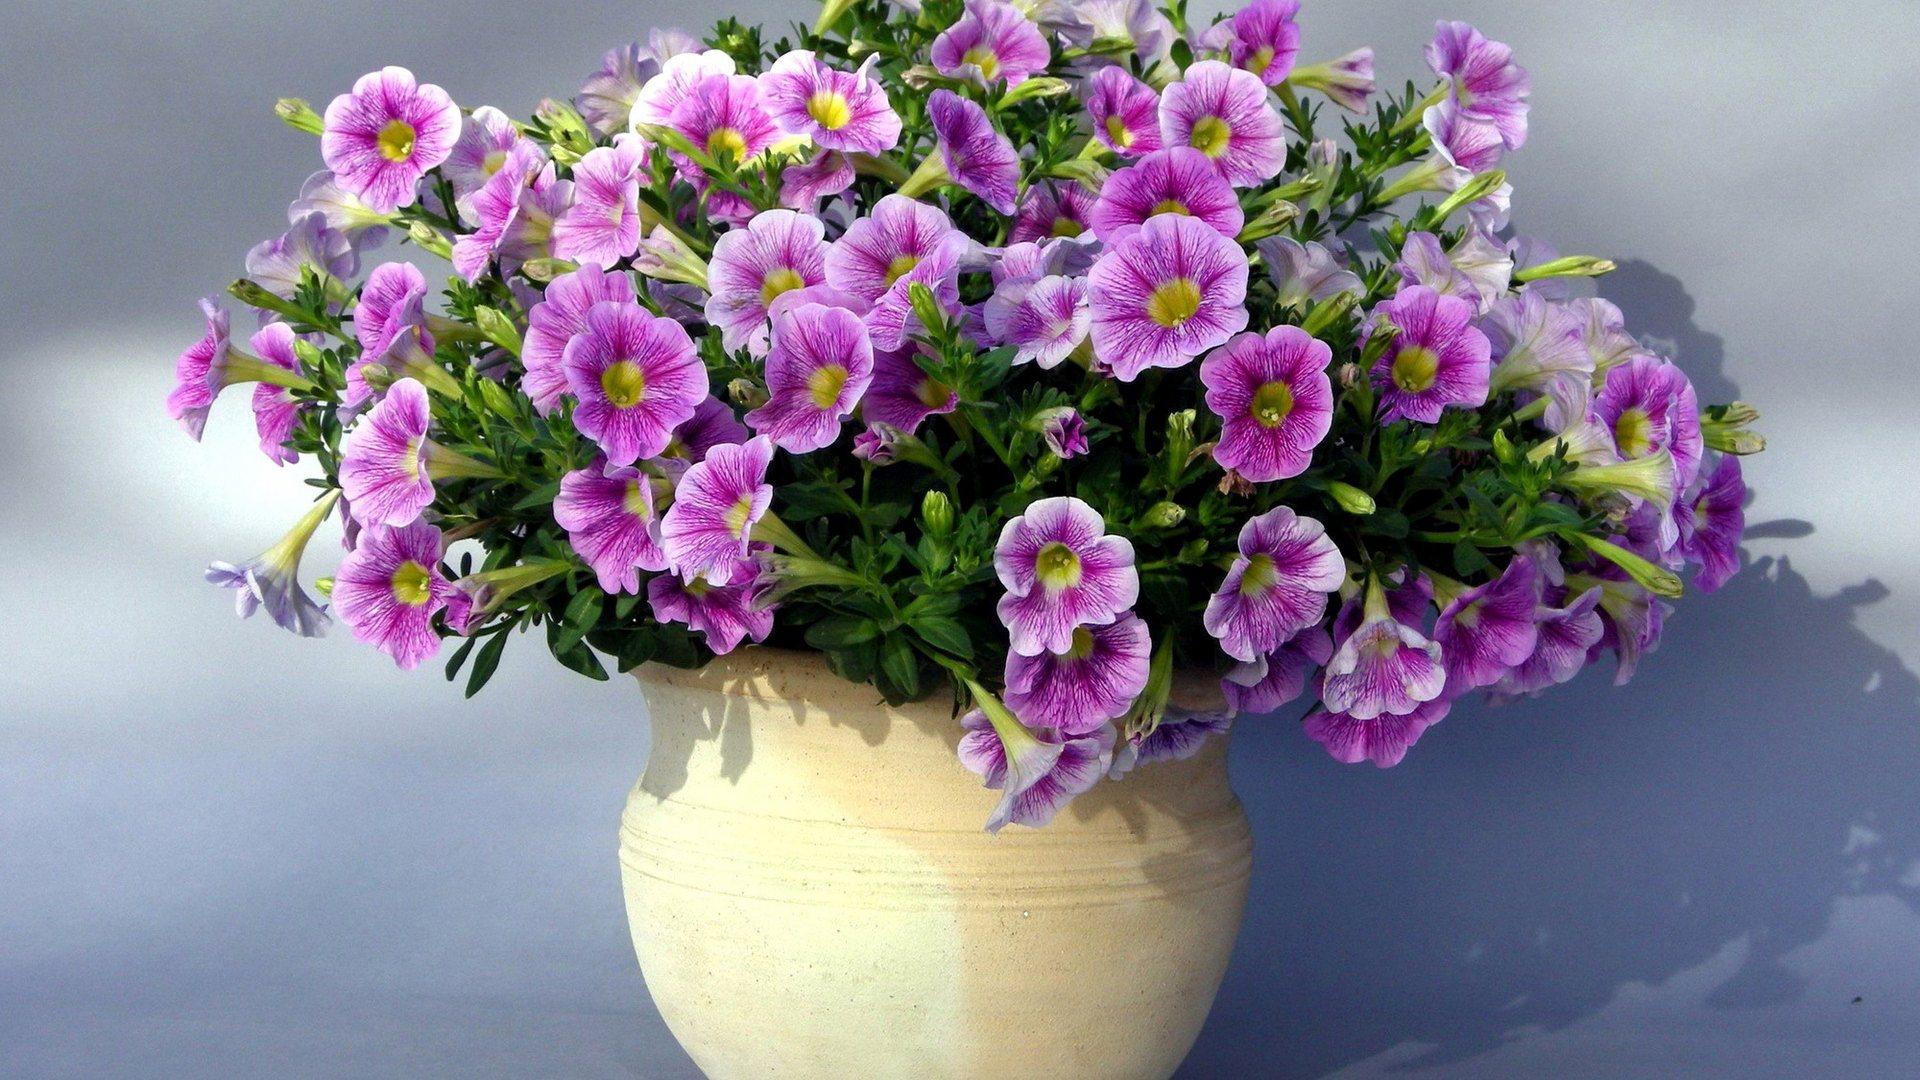 Description Purple Flowers Vase Wallpaper is a hi res Wallpaper for 1920x1080